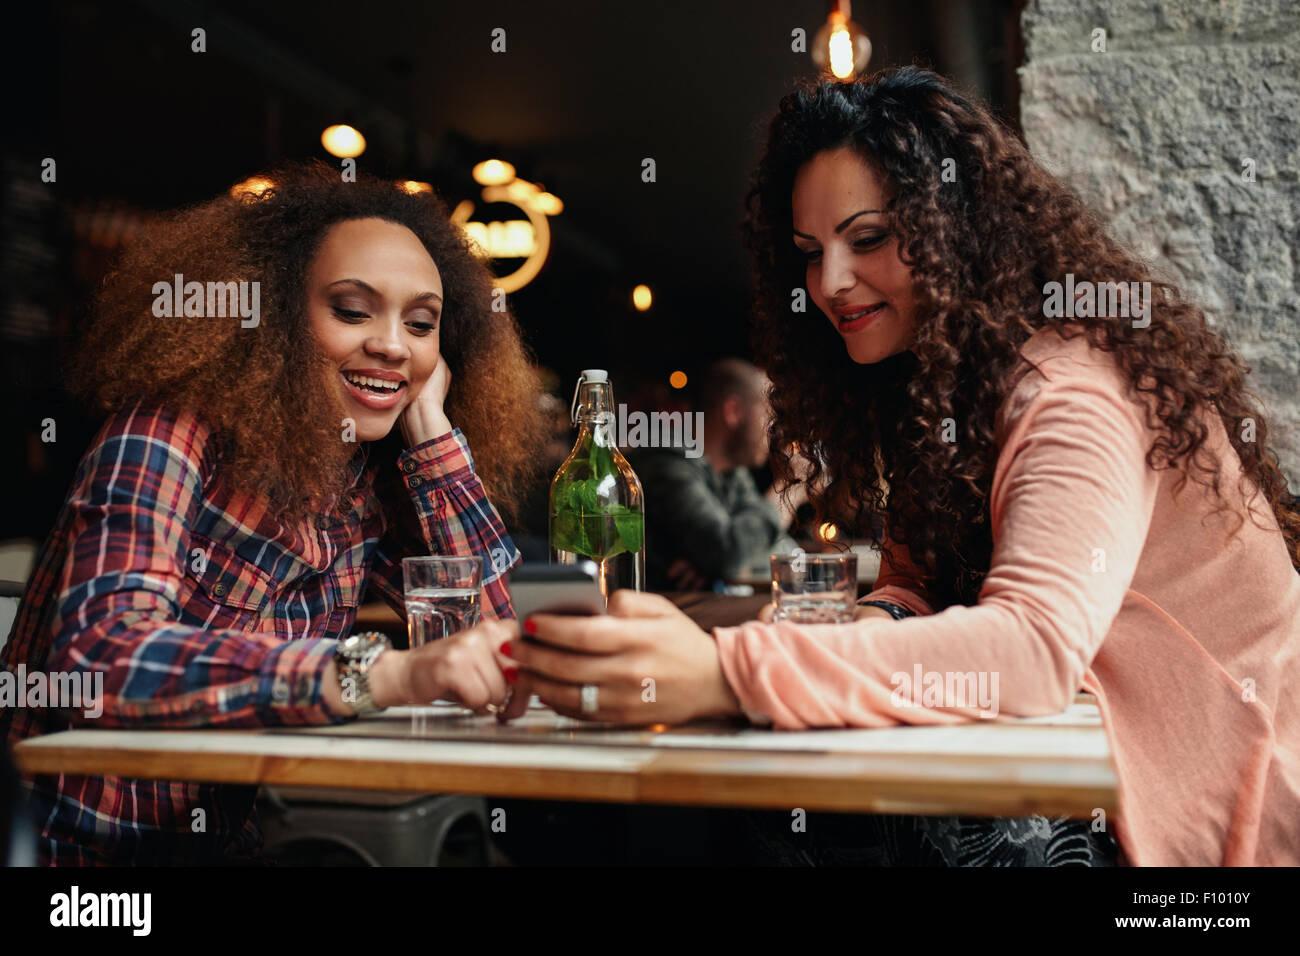 Portrait de jeune femme assise à un café à l'aide de téléphone mobile. Deux jeunes Photo Stock